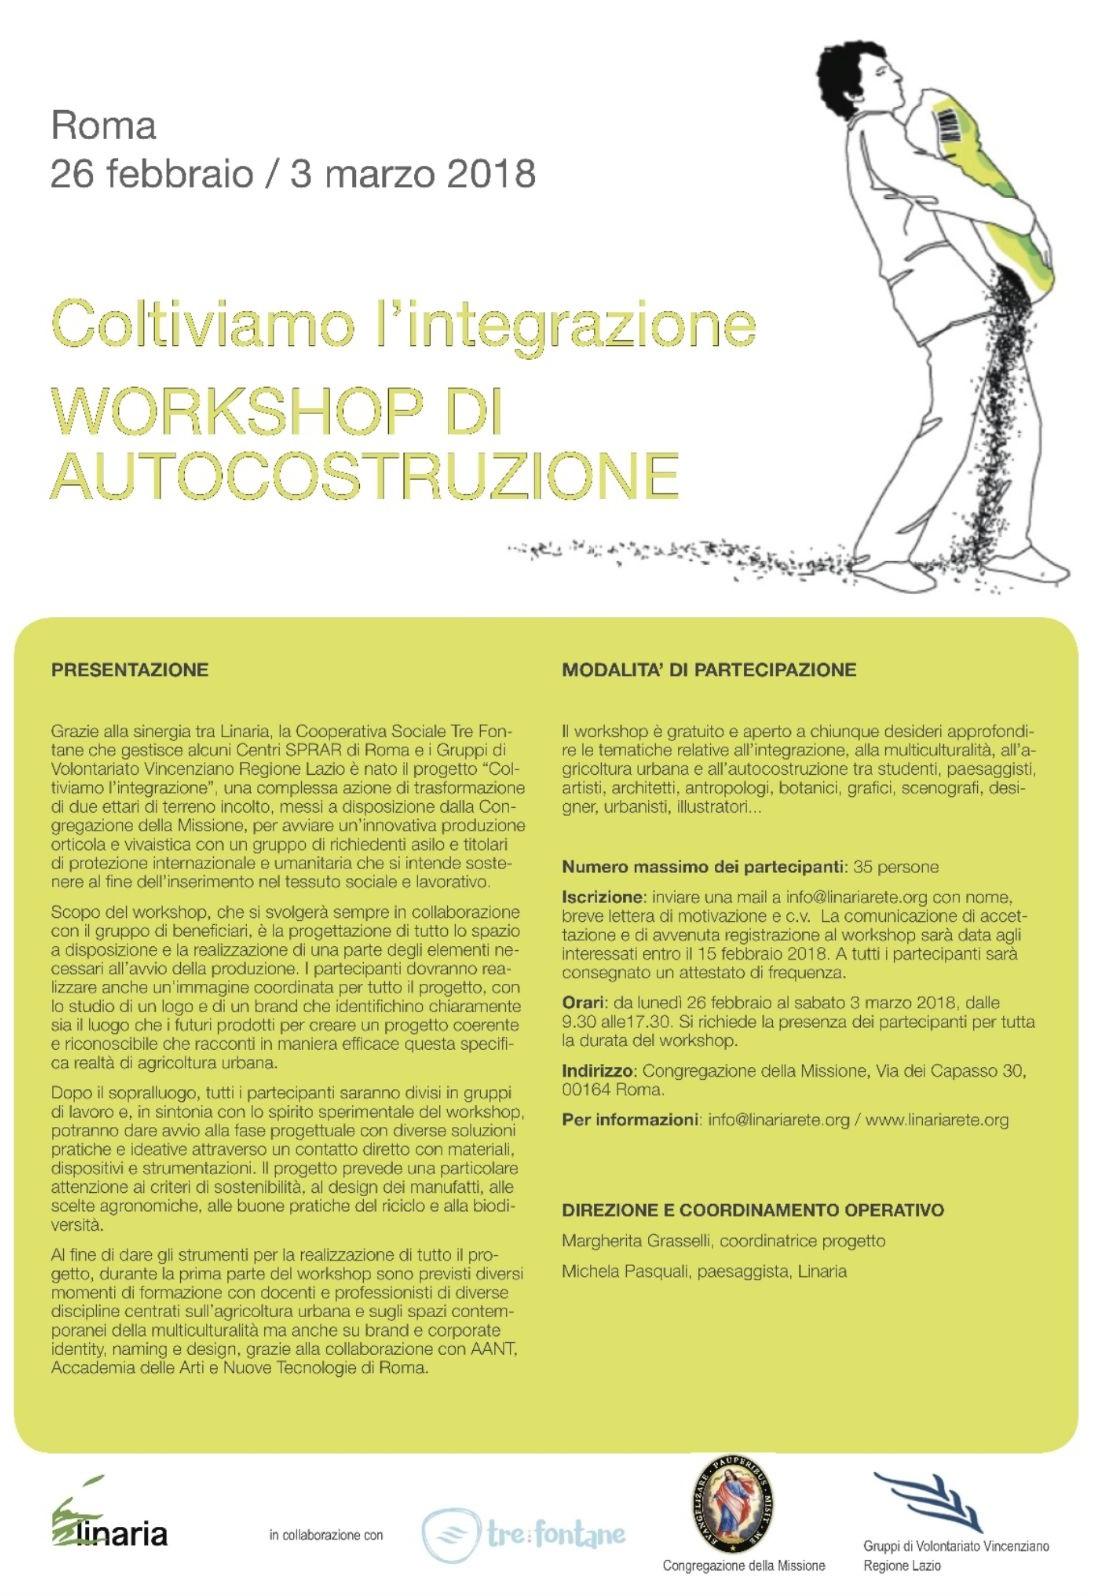 Locandina del workshop Coltiviamo l'integrazione